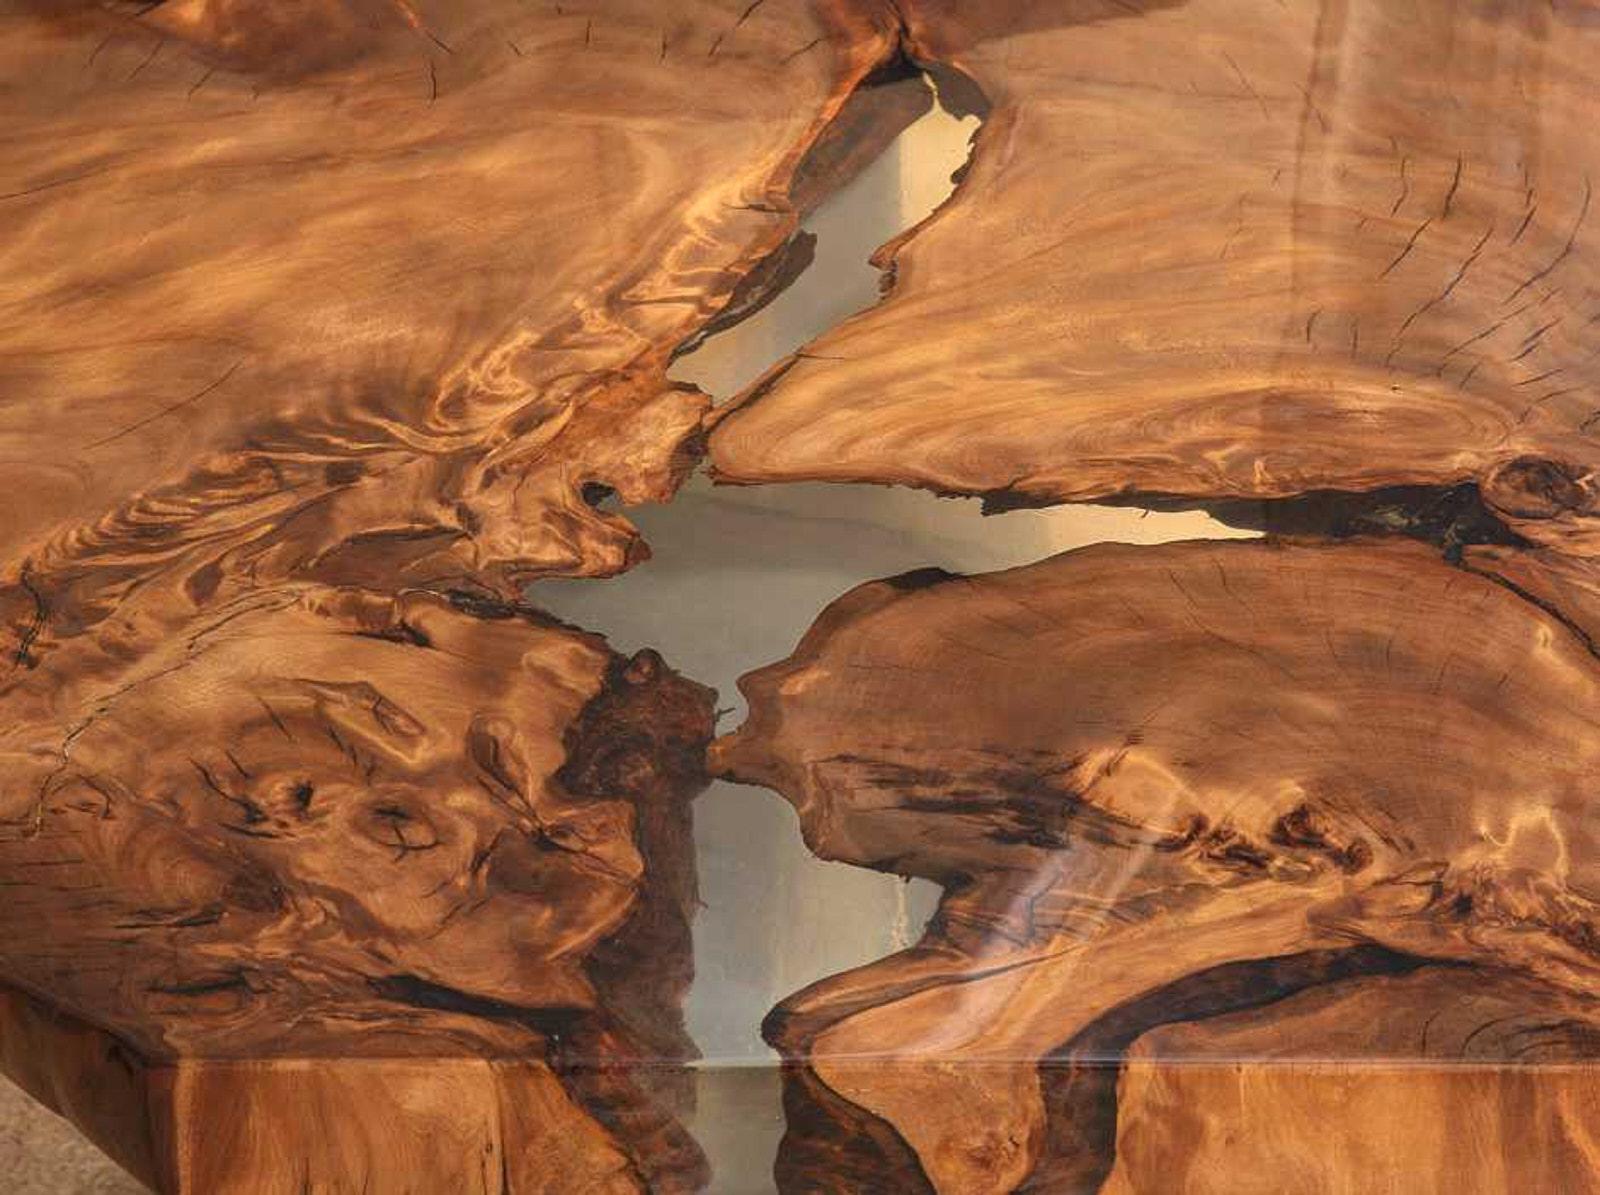 Edle Möbel Holztische und Esstische als Anlage aus seltenem tausendjährigem Kauri Wurzelholz, hochwertige Massivholztische als Erbstücke